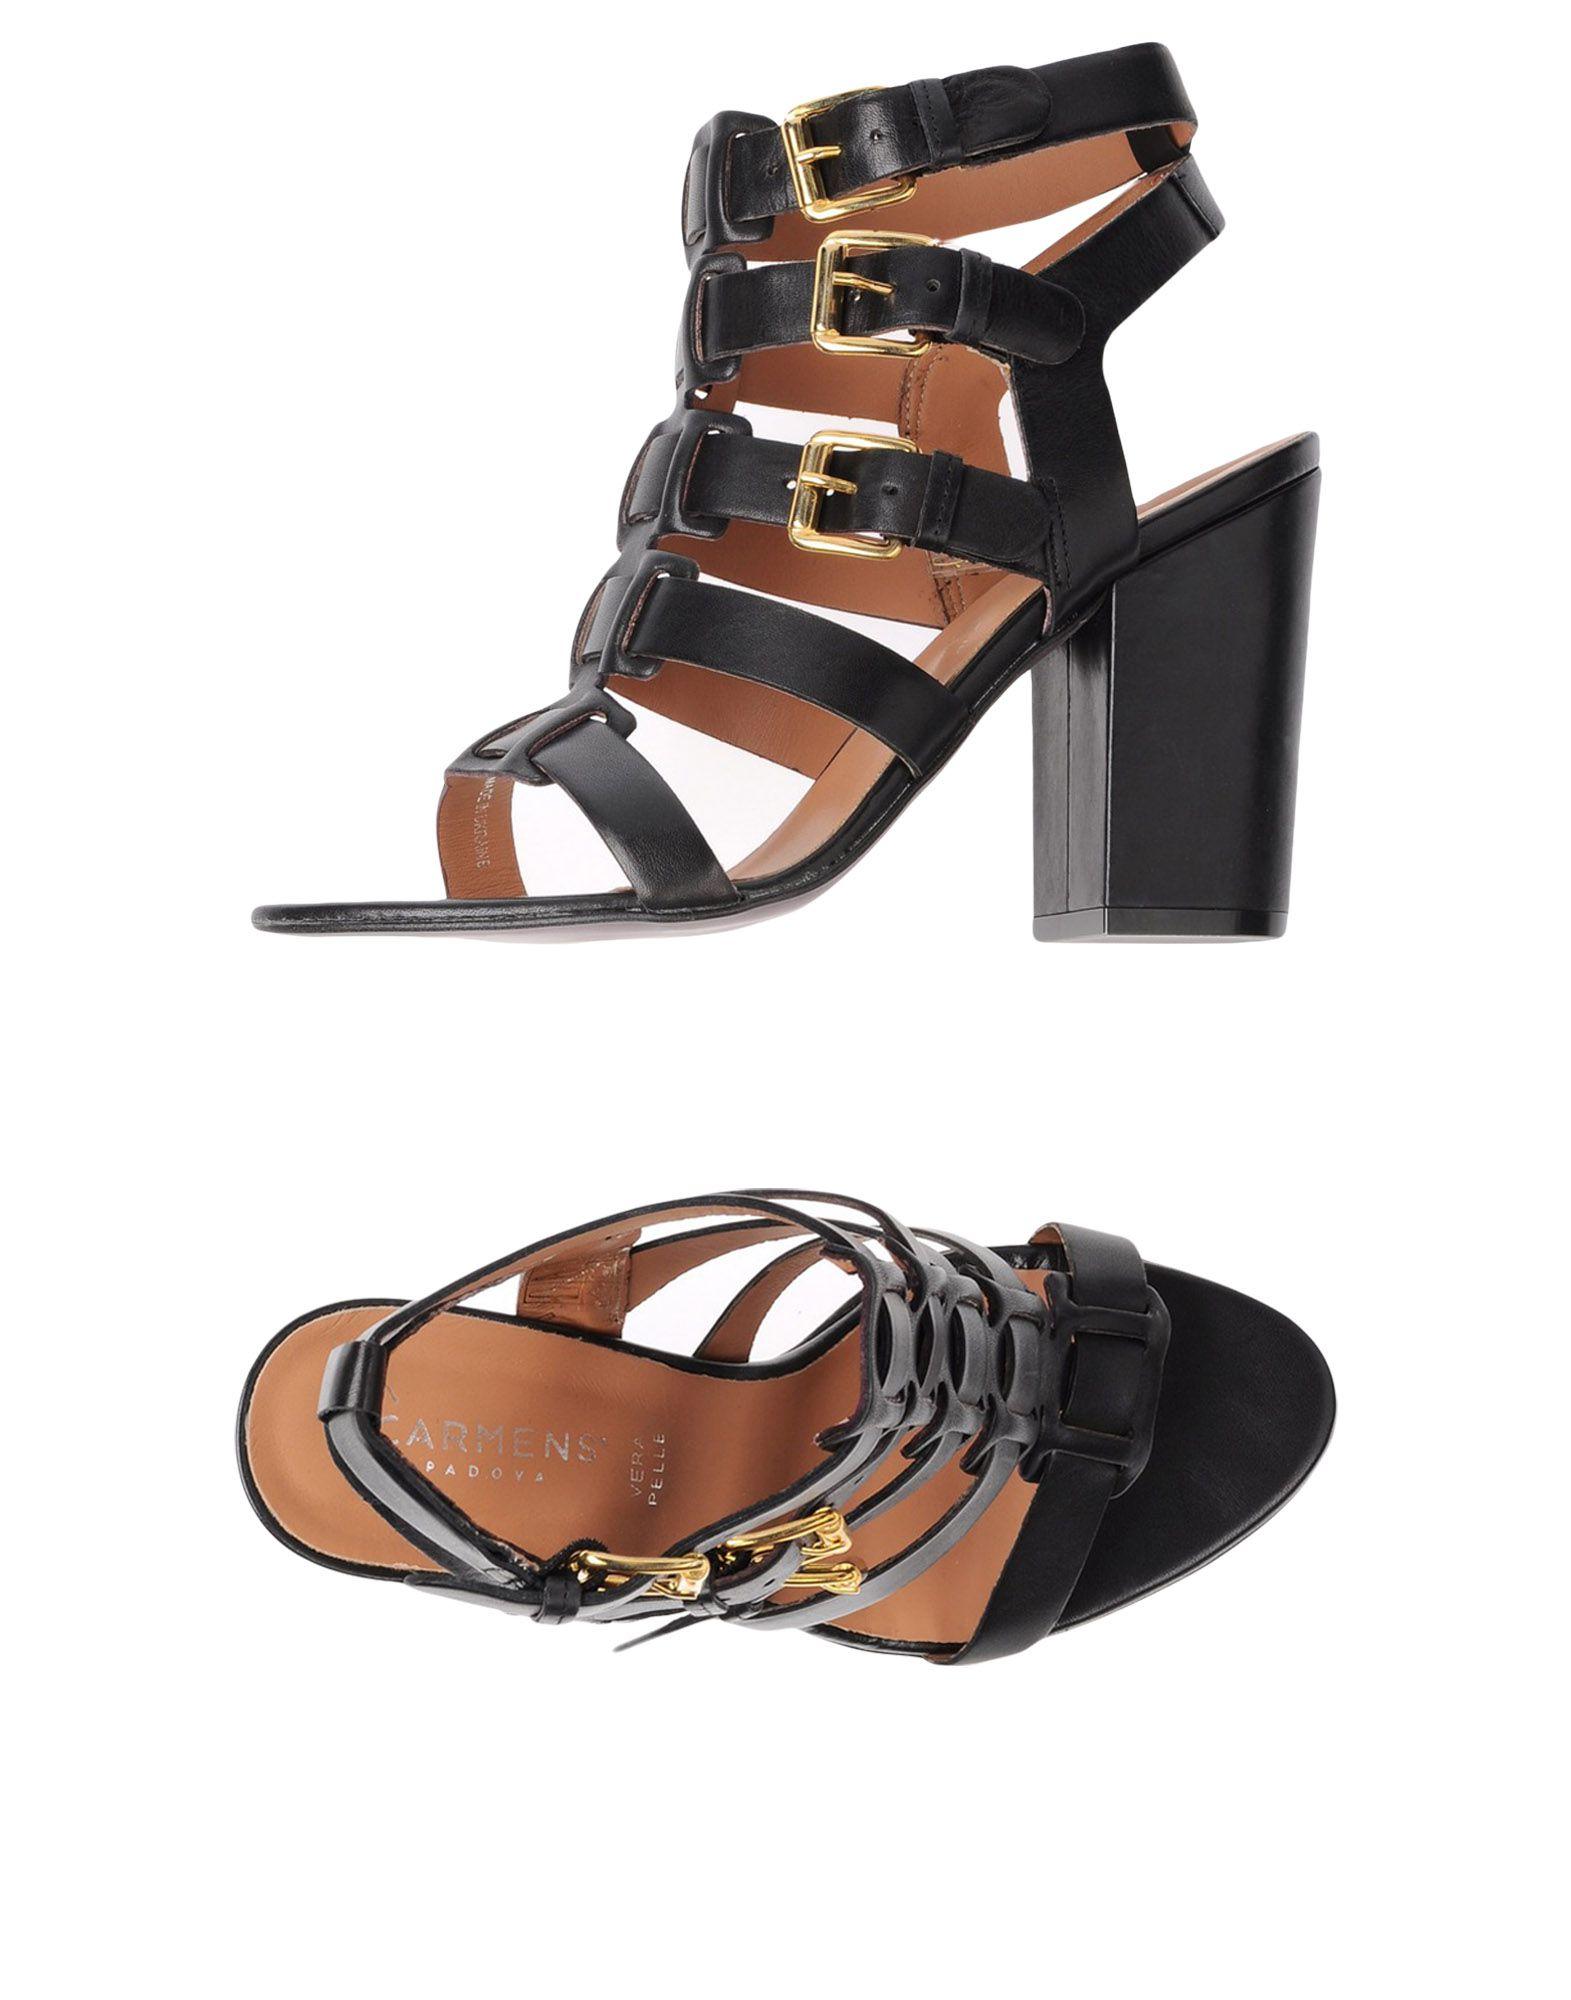 Carmens Sandalen Damen Damen Sandalen  44989190PQ Gute Qualität beliebte Schuhe 4fe3aa